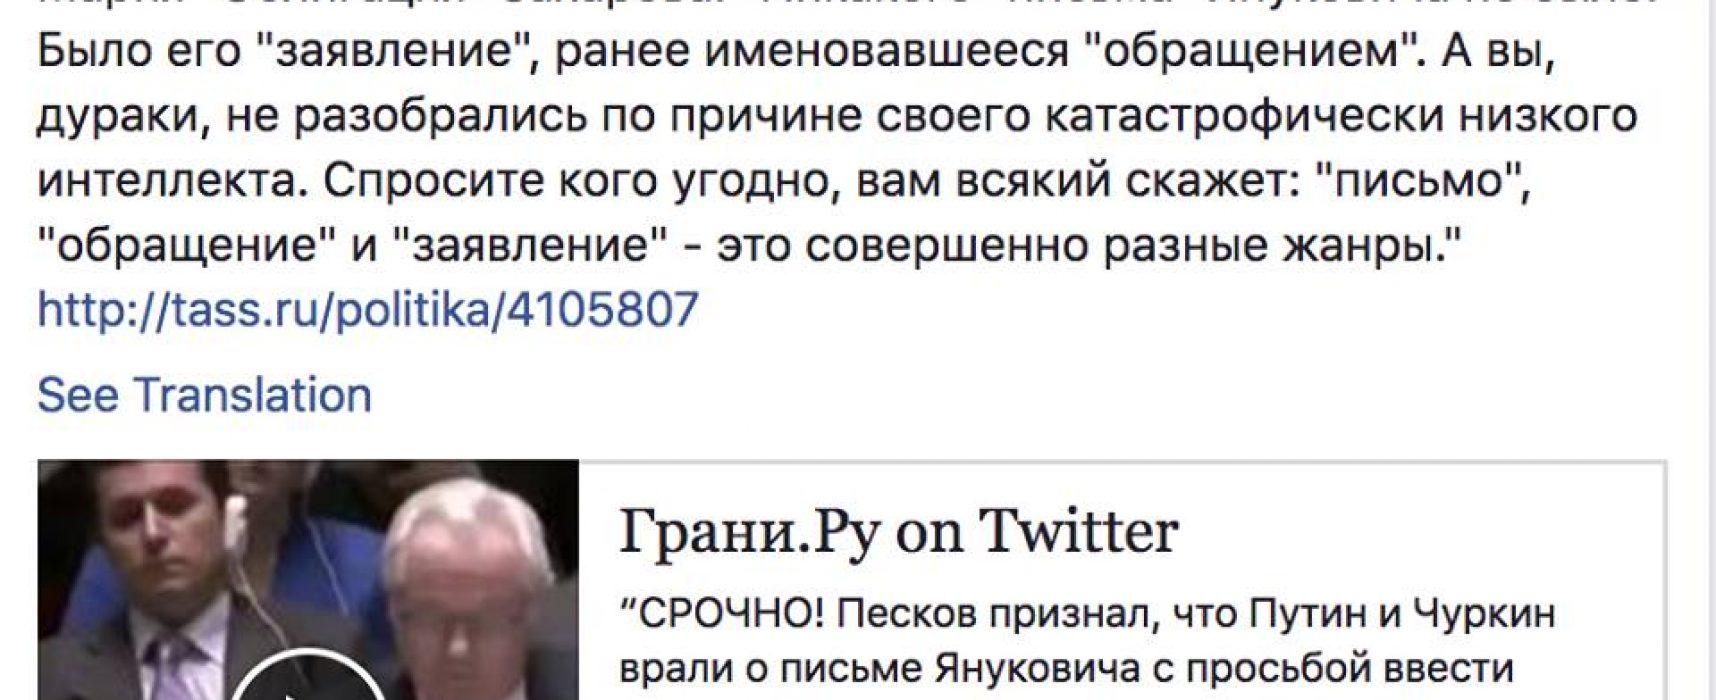 Письмо Януковича»: представители Российской Федерации теряются в показаниях